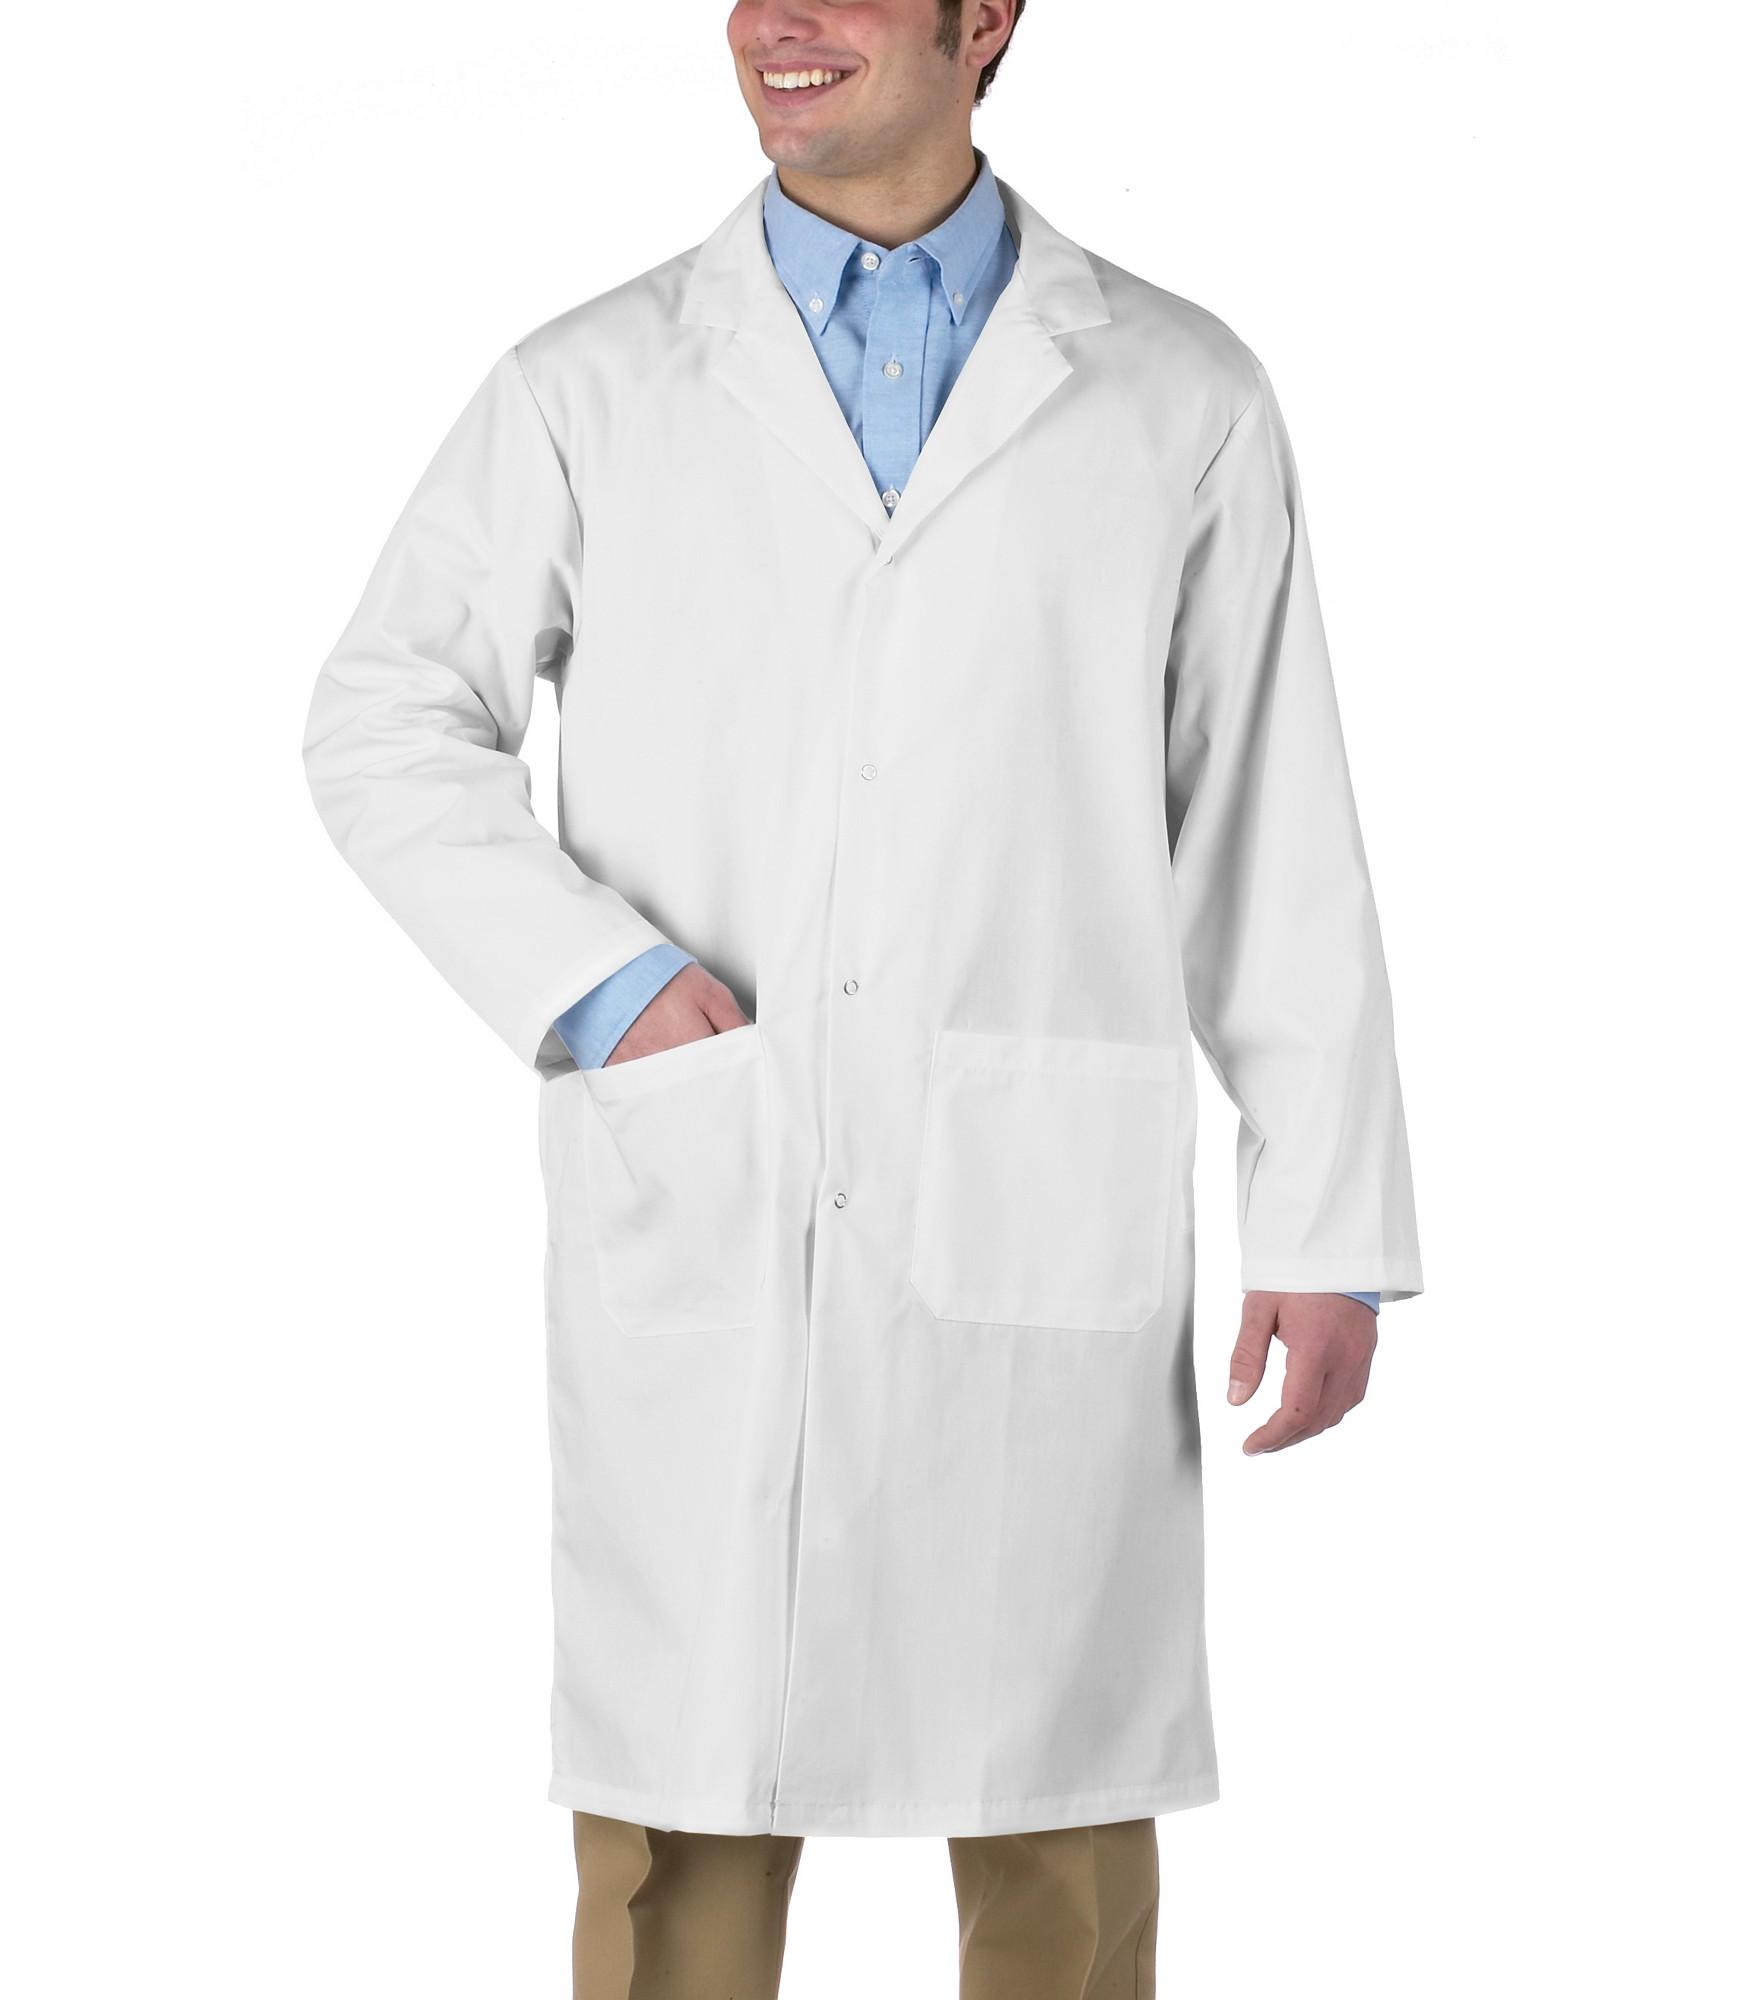 amp ql blouse de laboratoire boutons pression de premium uniform 2 poches. Black Bedroom Furniture Sets. Home Design Ideas